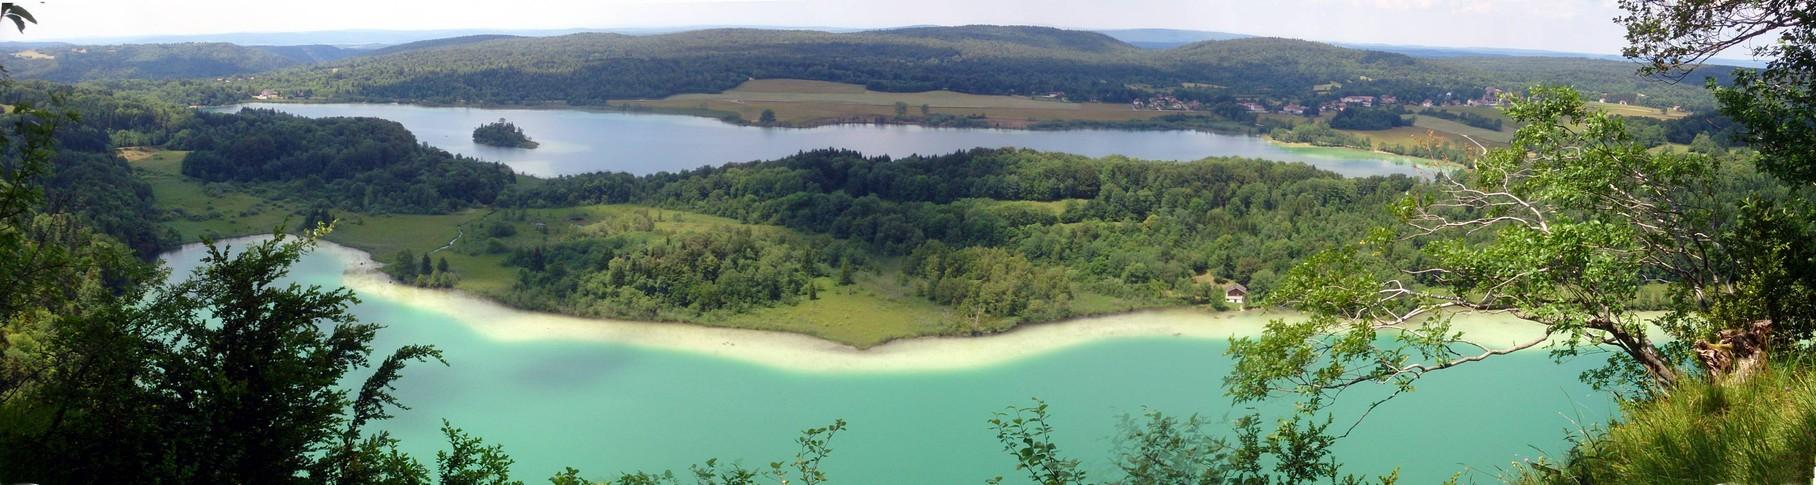 après une petite balade au dessus de nos lacs jurassiens ...